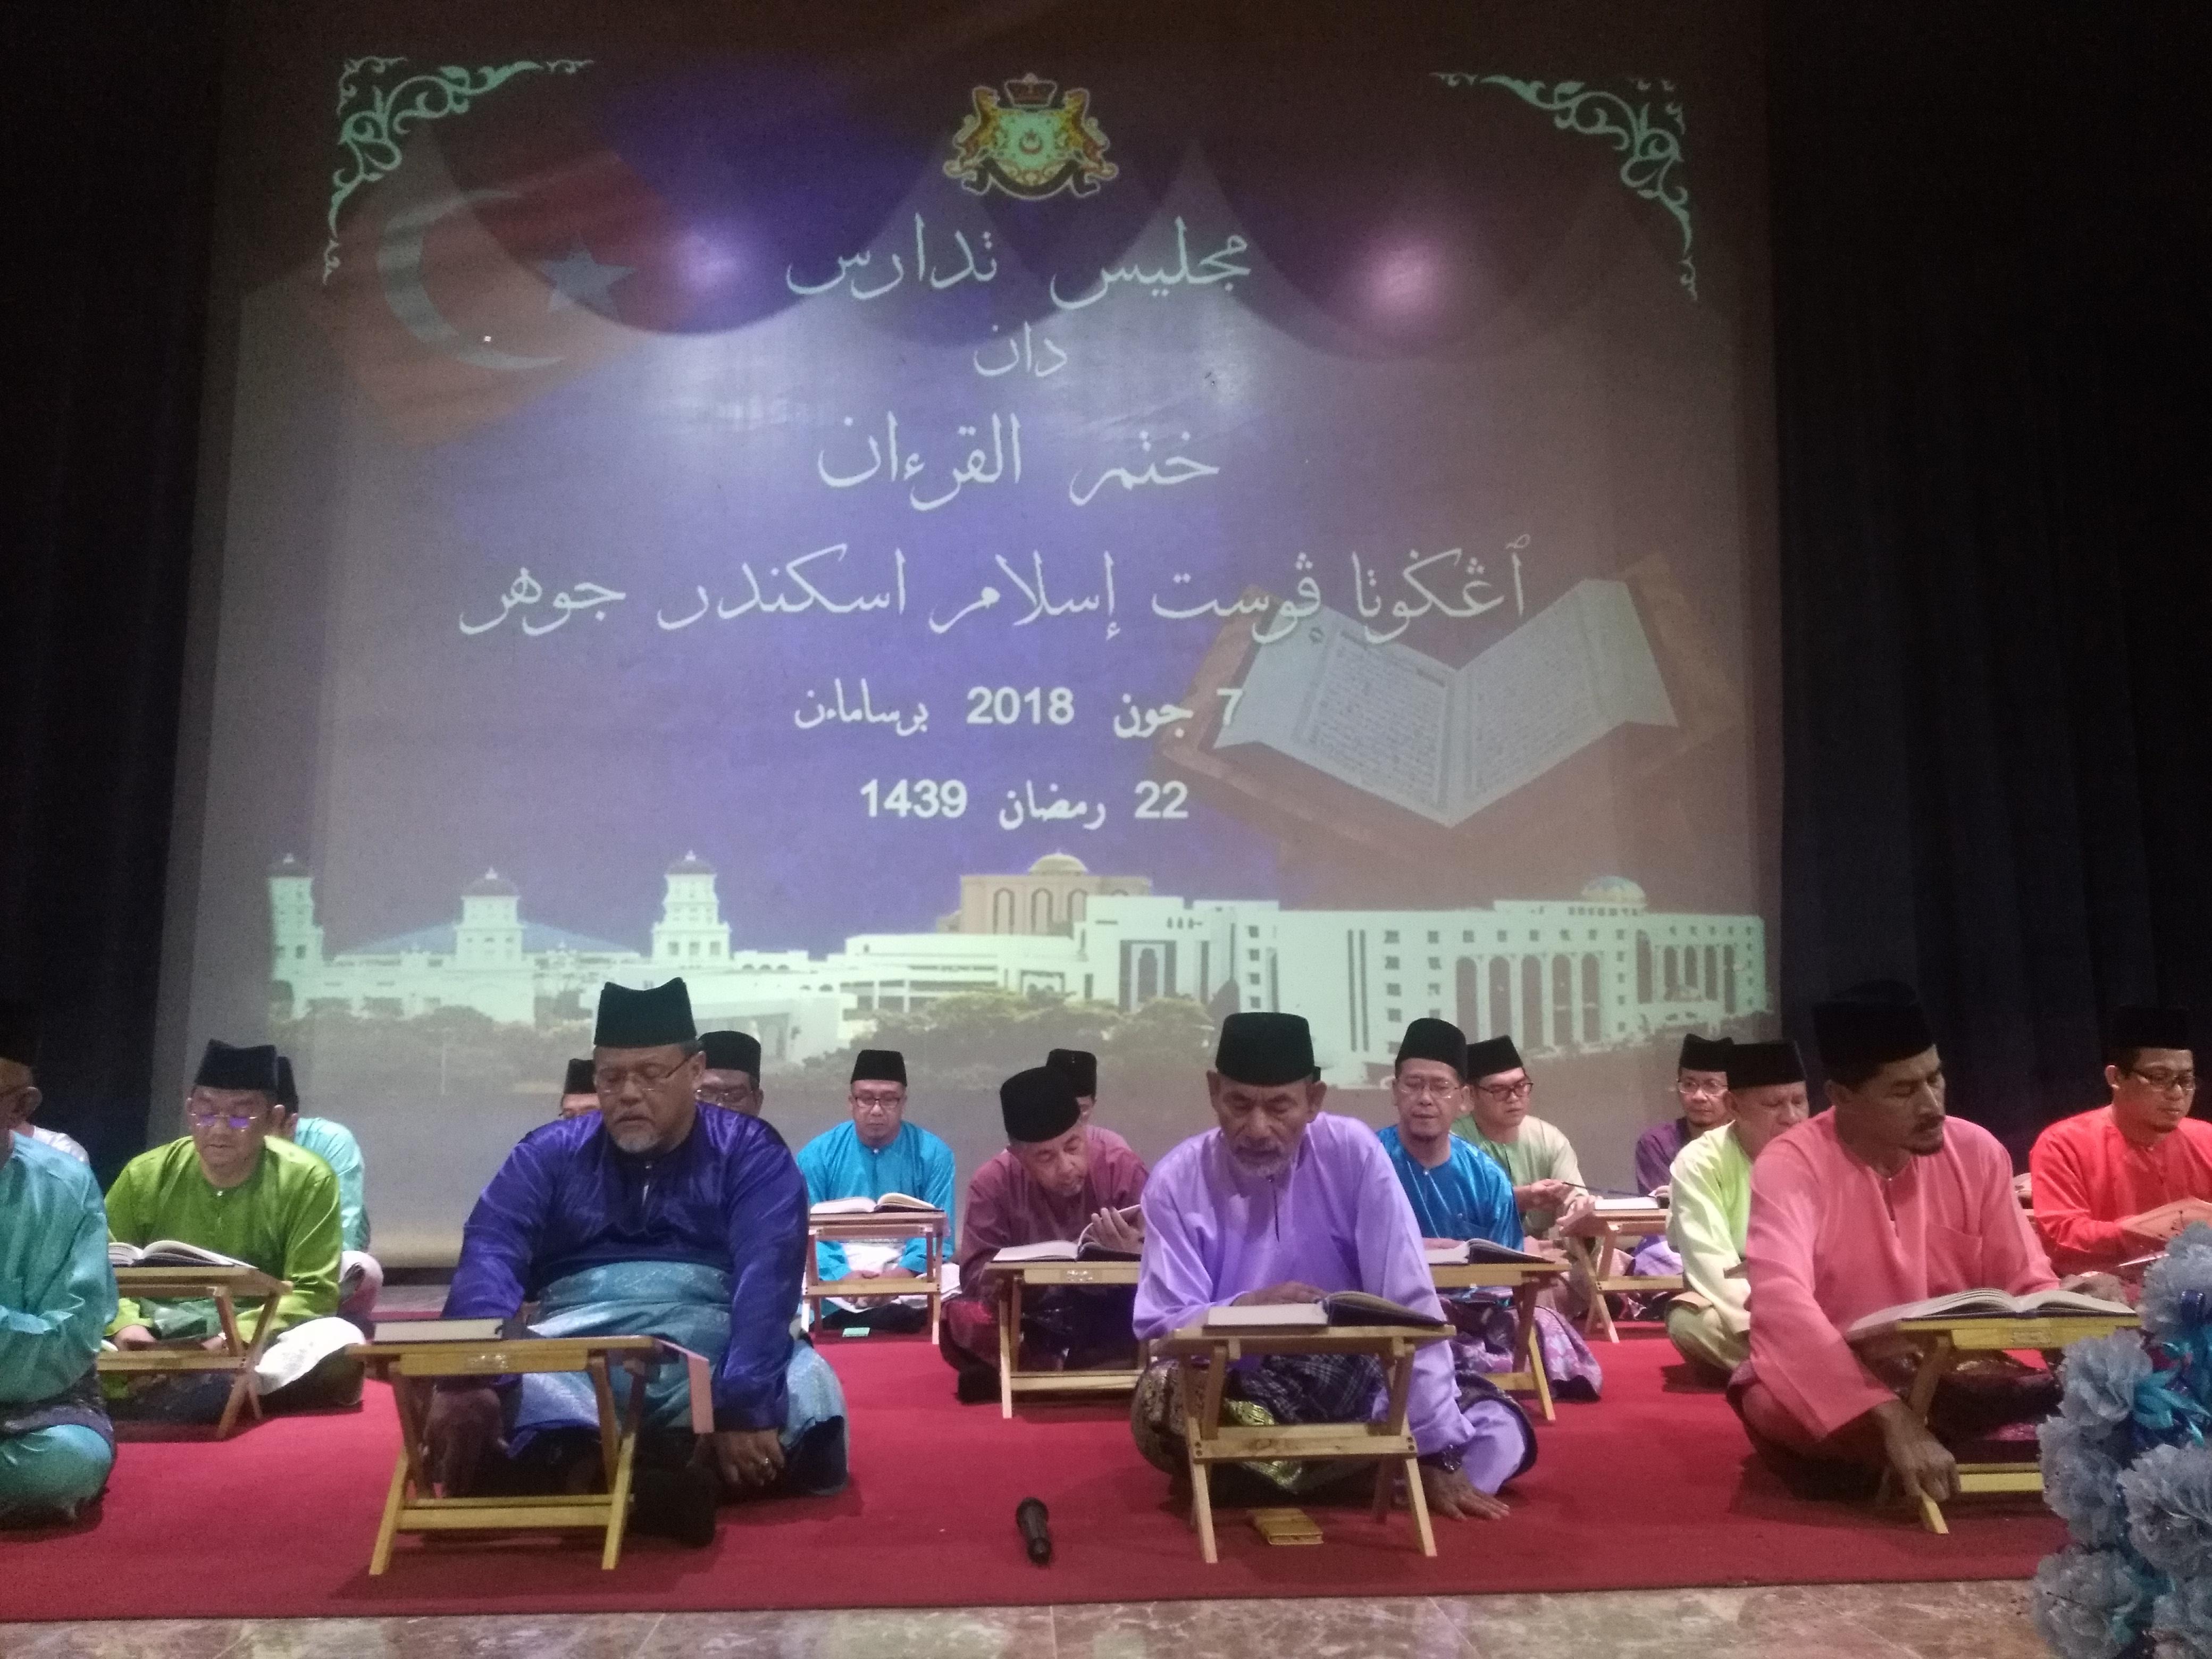 Majlis Tadarus dan Khatam Al-Quran Anggota Pusat Islam Iskandar Johor dan Amanat Yang Berhormat Pengerusi Jawatankuasa Hal Ehwal Agama Islam dan Pendidikan Negeri Johor pada 7 JUN 2018.